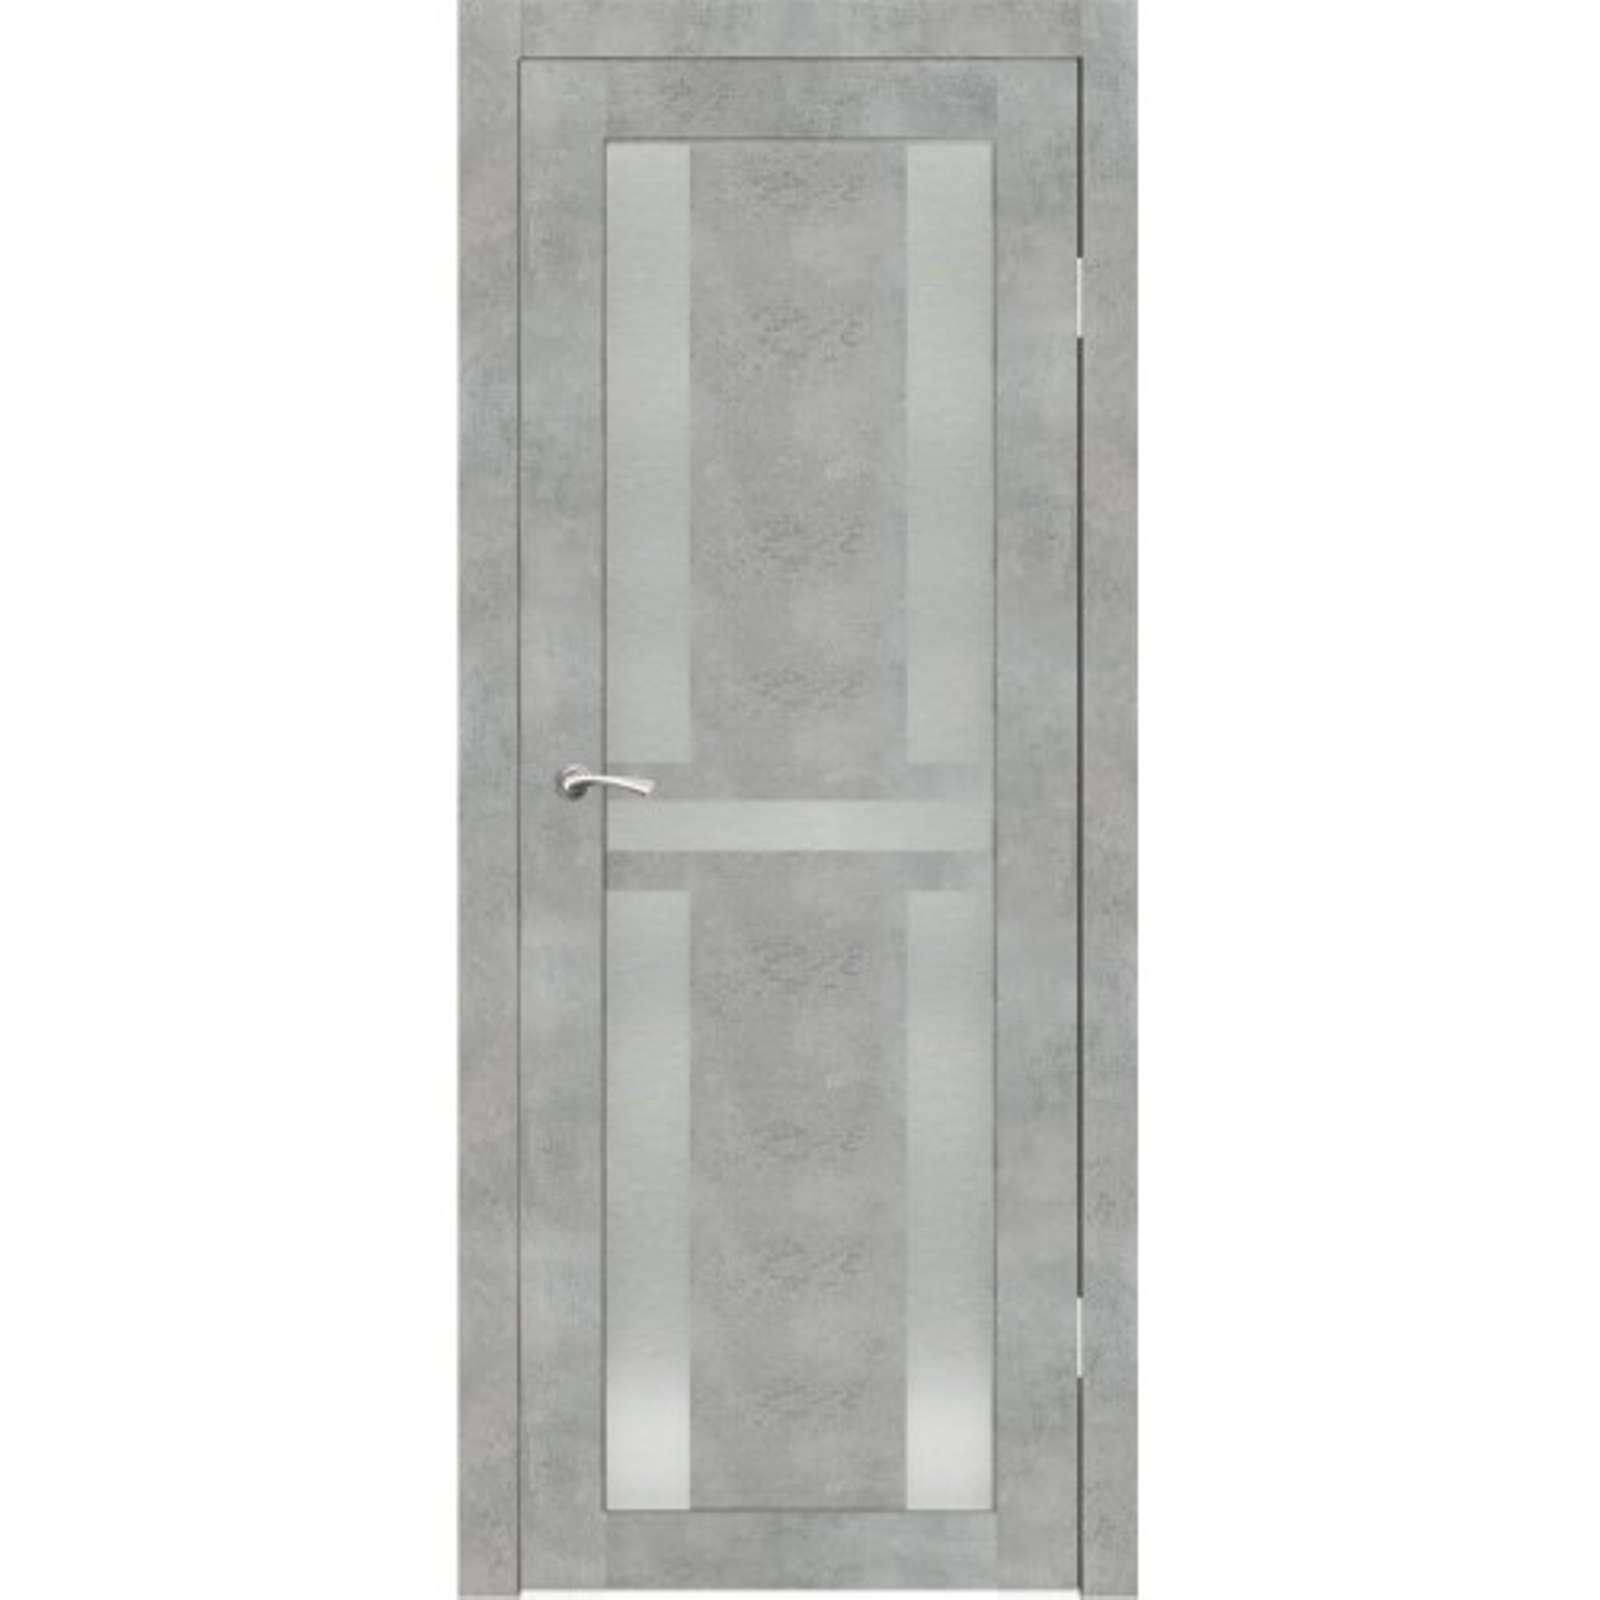 Полотно дверное остекленное Мадена СИНЕРЖИ грей ПВХ, ПДО 700х2000мм